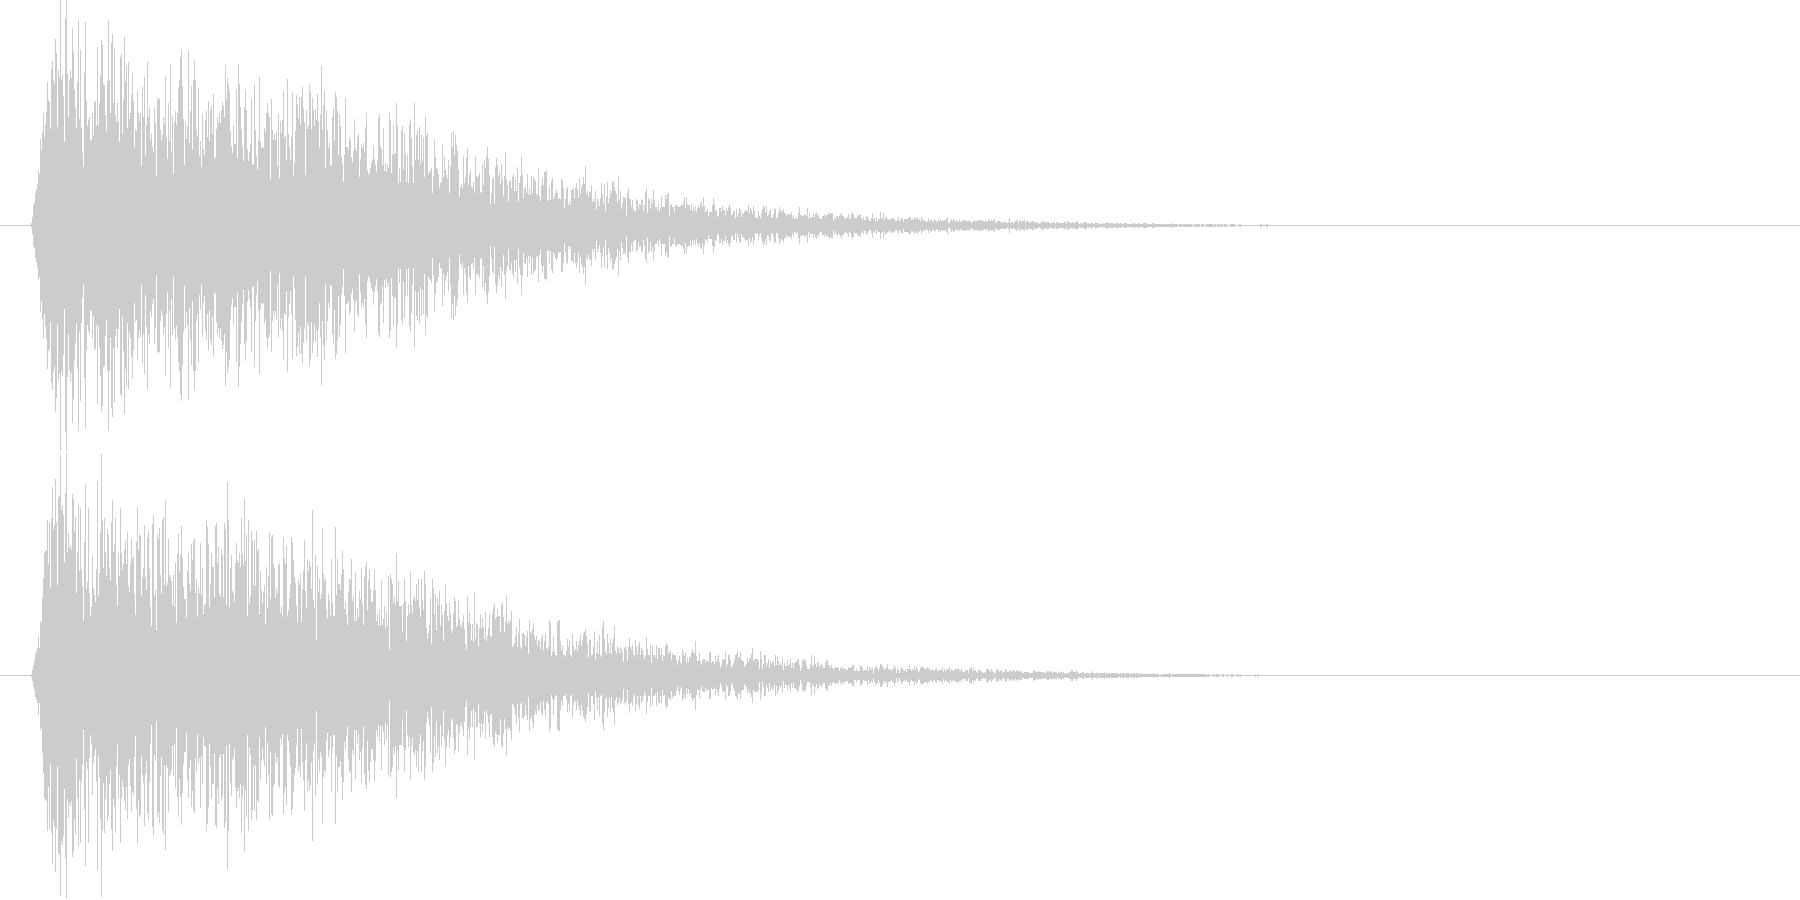 ガキーン(大地を切り裂く斬撃音)の未再生の波形